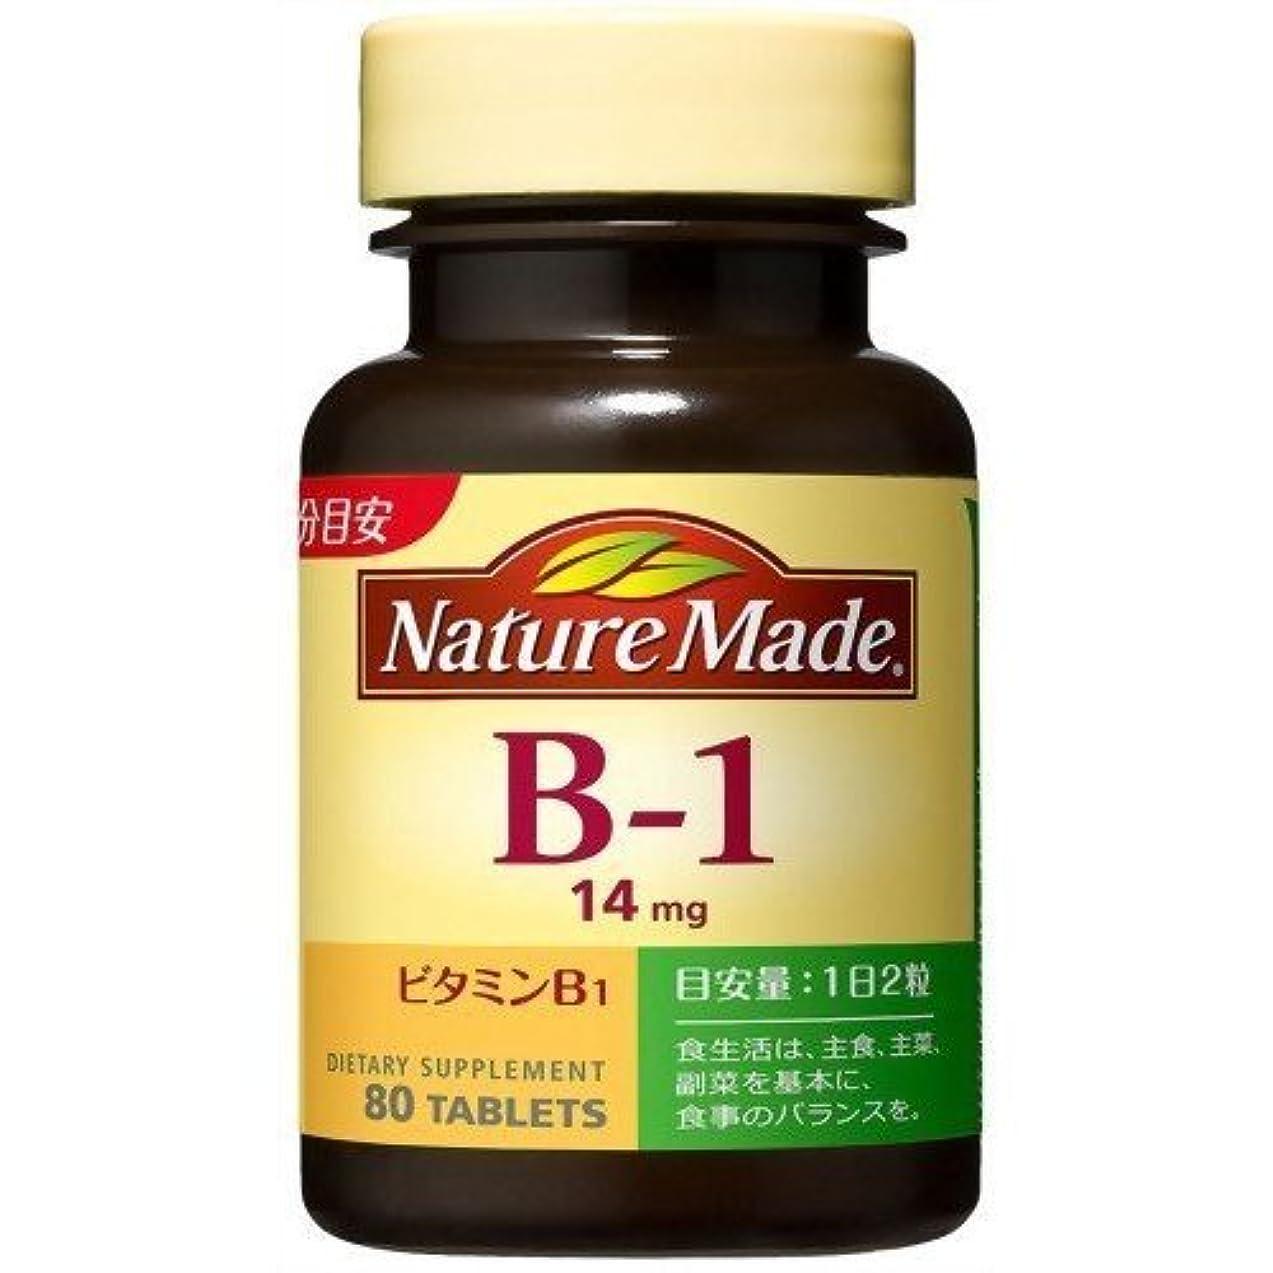 移住する追跡敏感な大塚製薬 ネイチャーメイド B-1 80錠